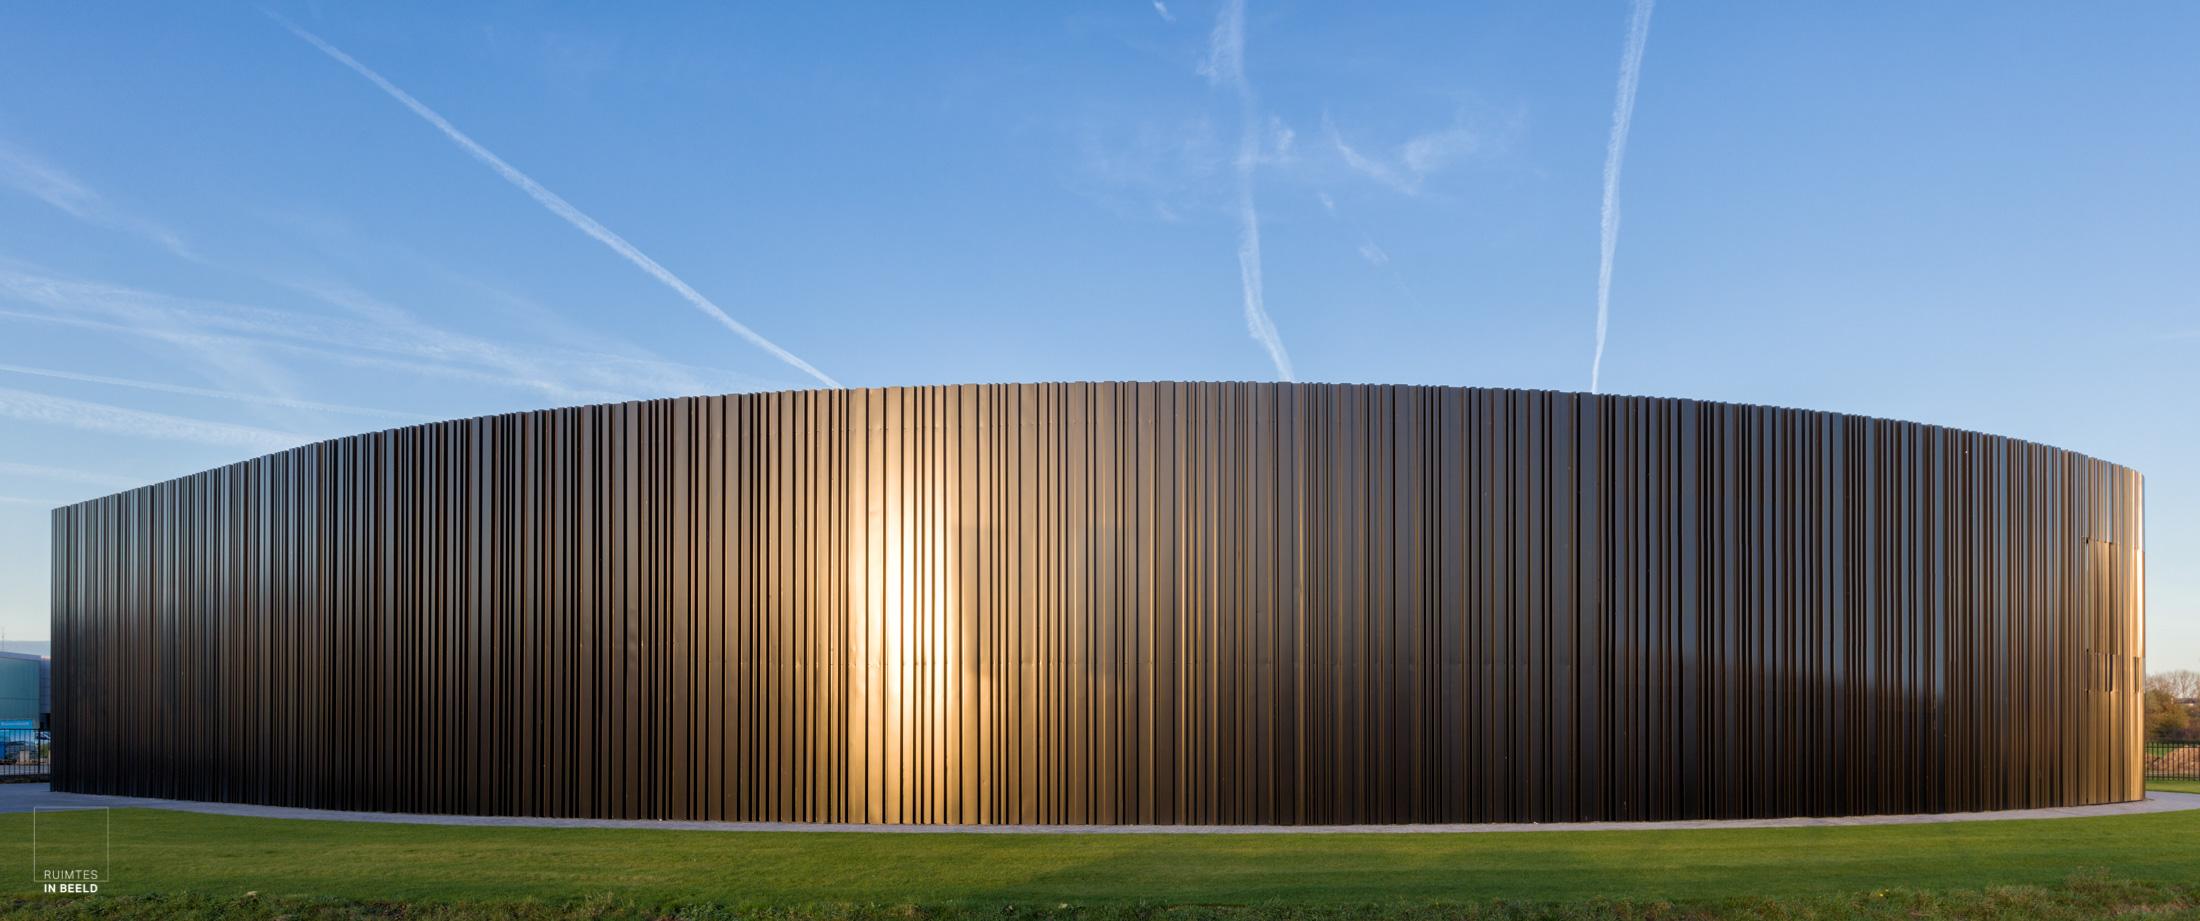 Bedrijfsgebouw Jacobs Elektro in Breda,  Oomen Architecten